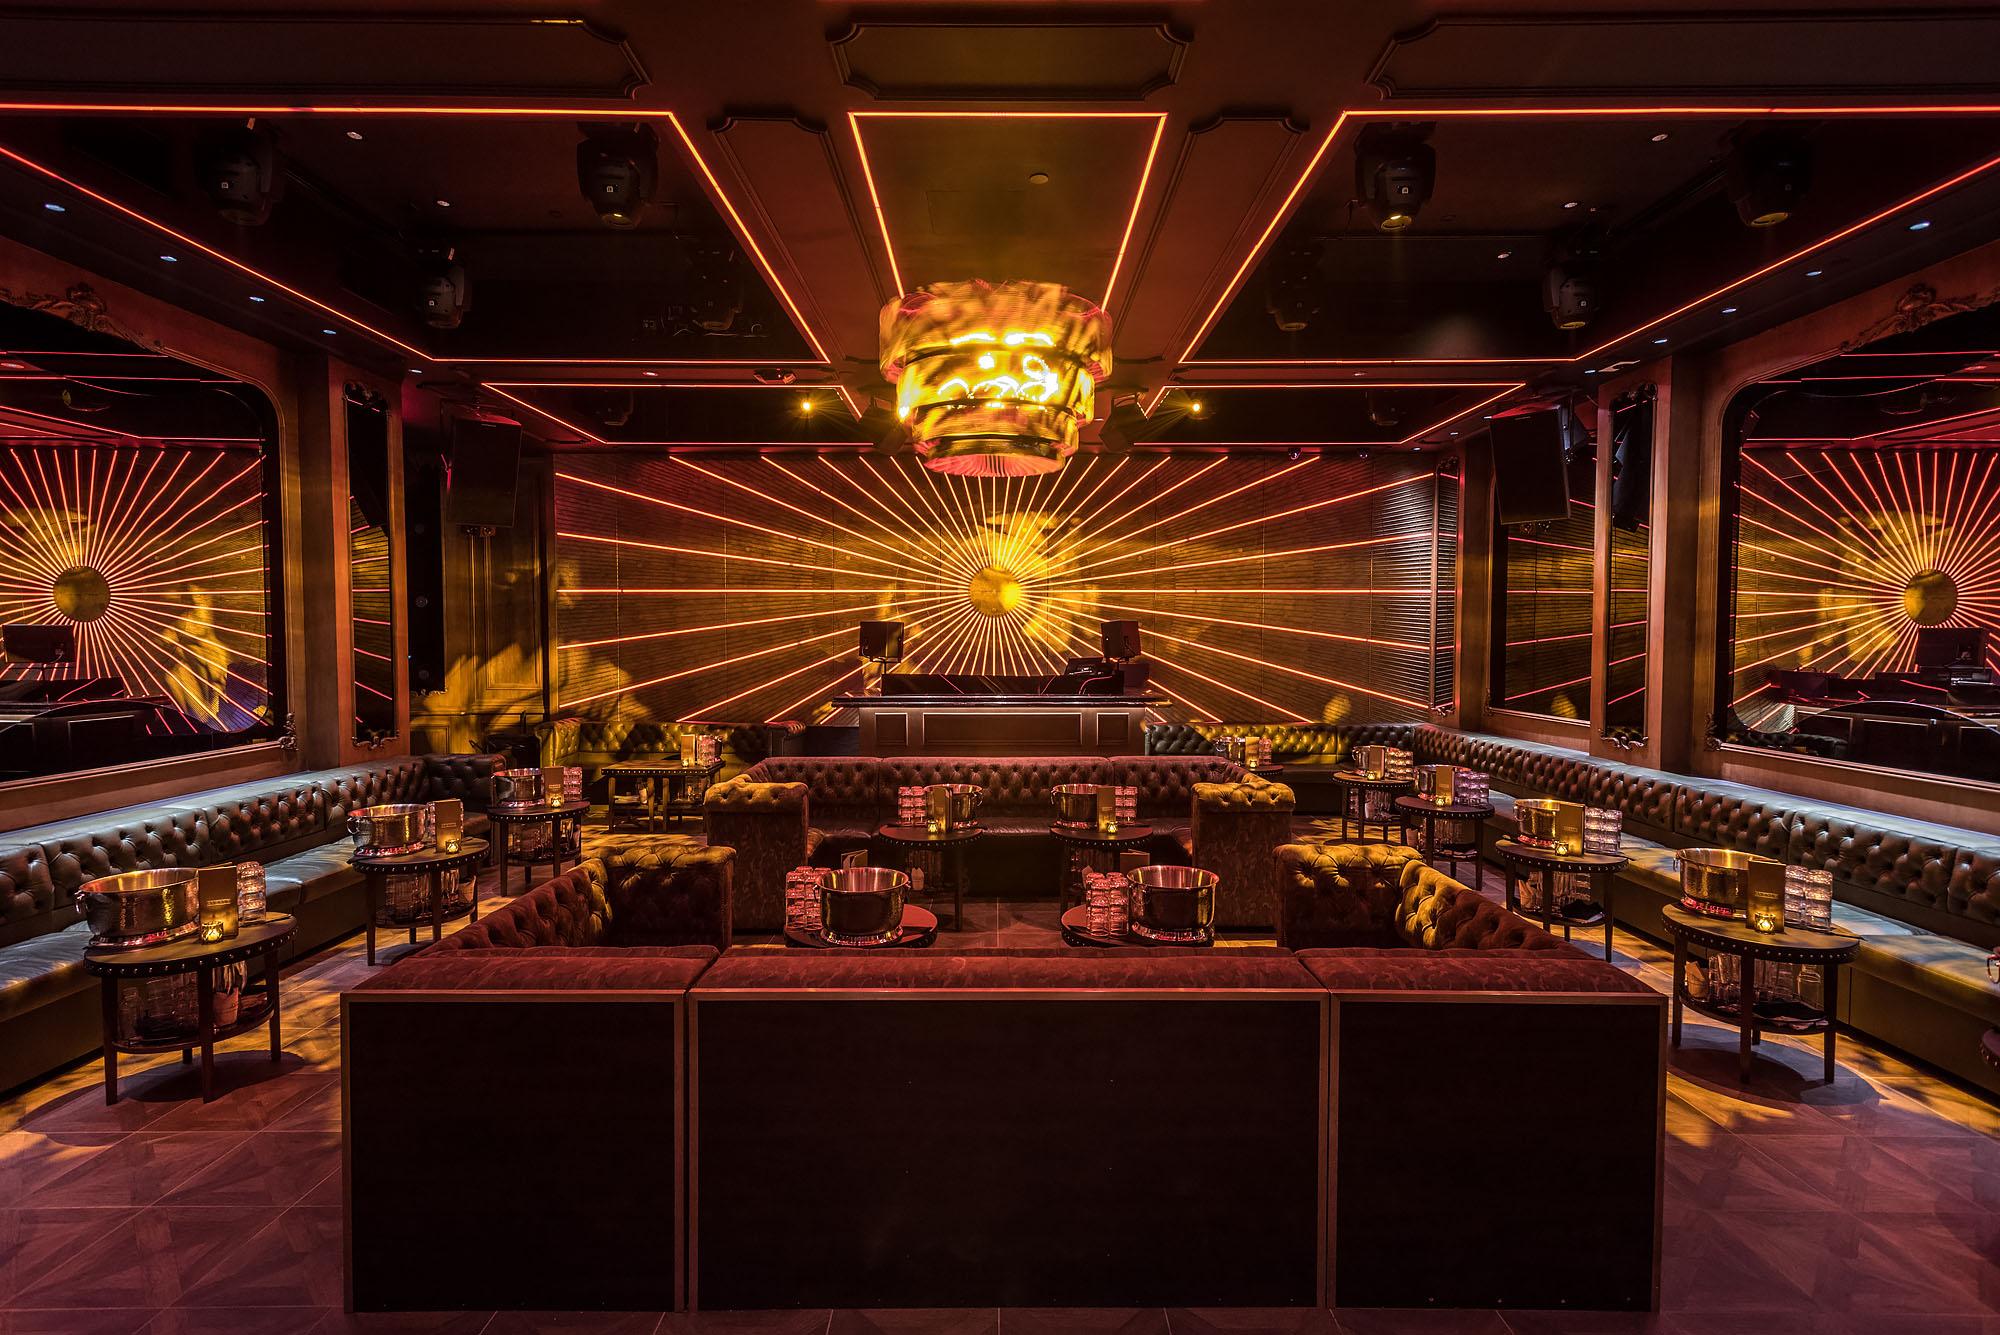 Avenue Hollywood Nightclub Interior 1